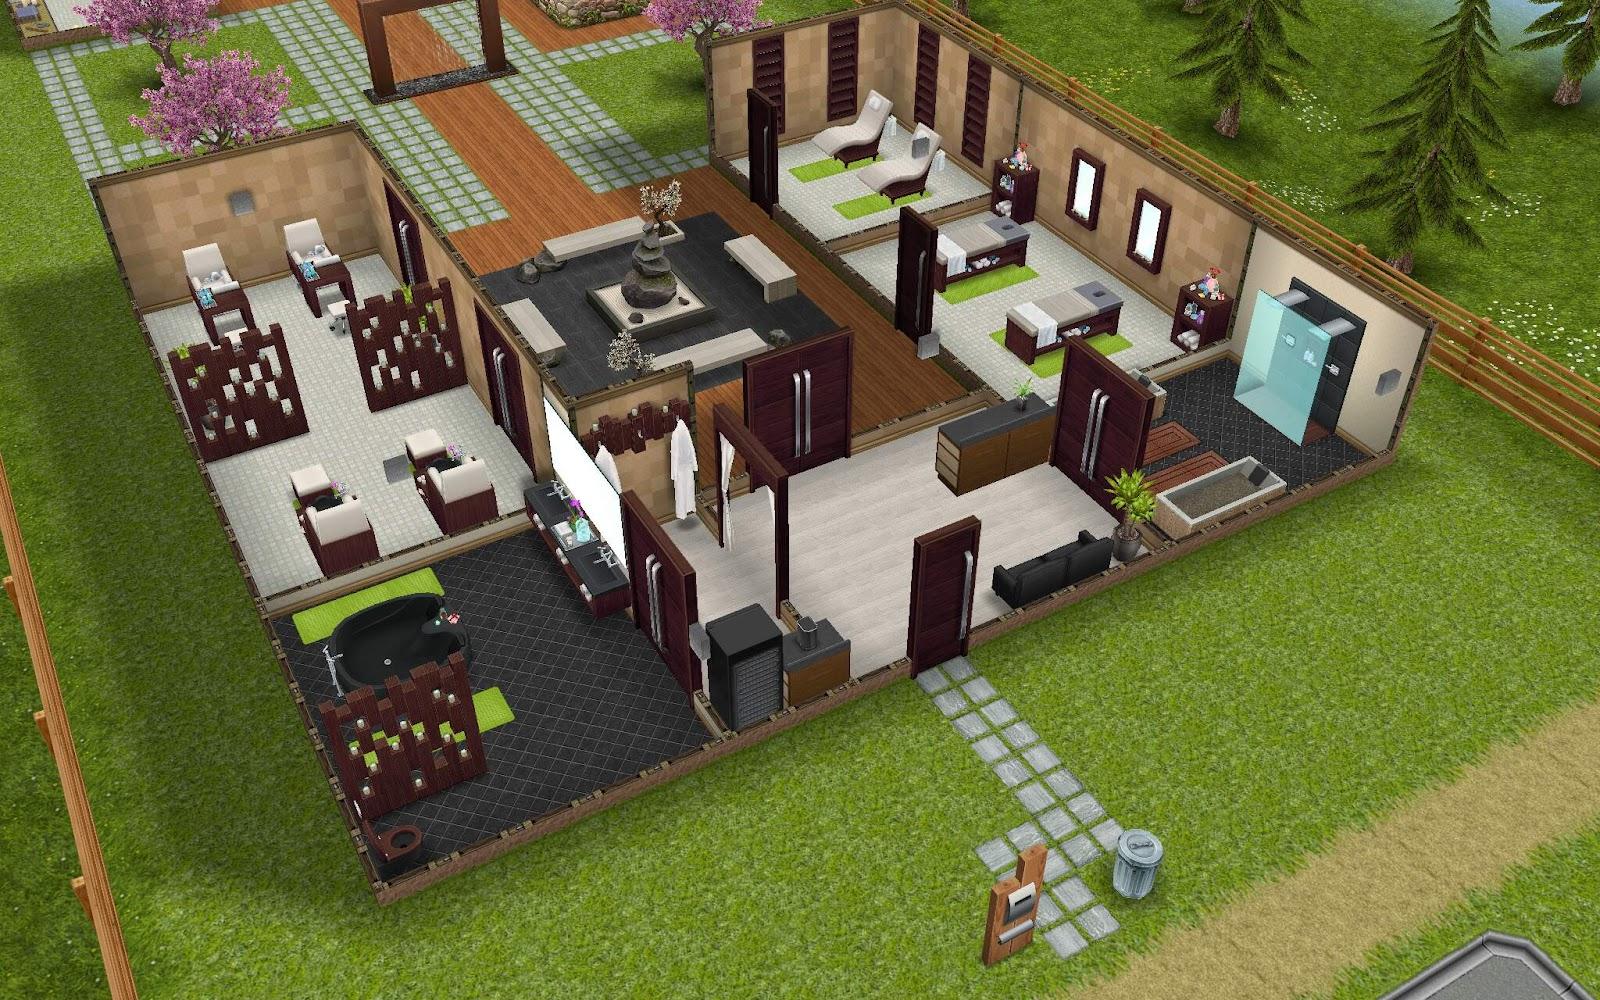 The sims freeplay it evento centro benessere della citt for Case the sims 3 arredate